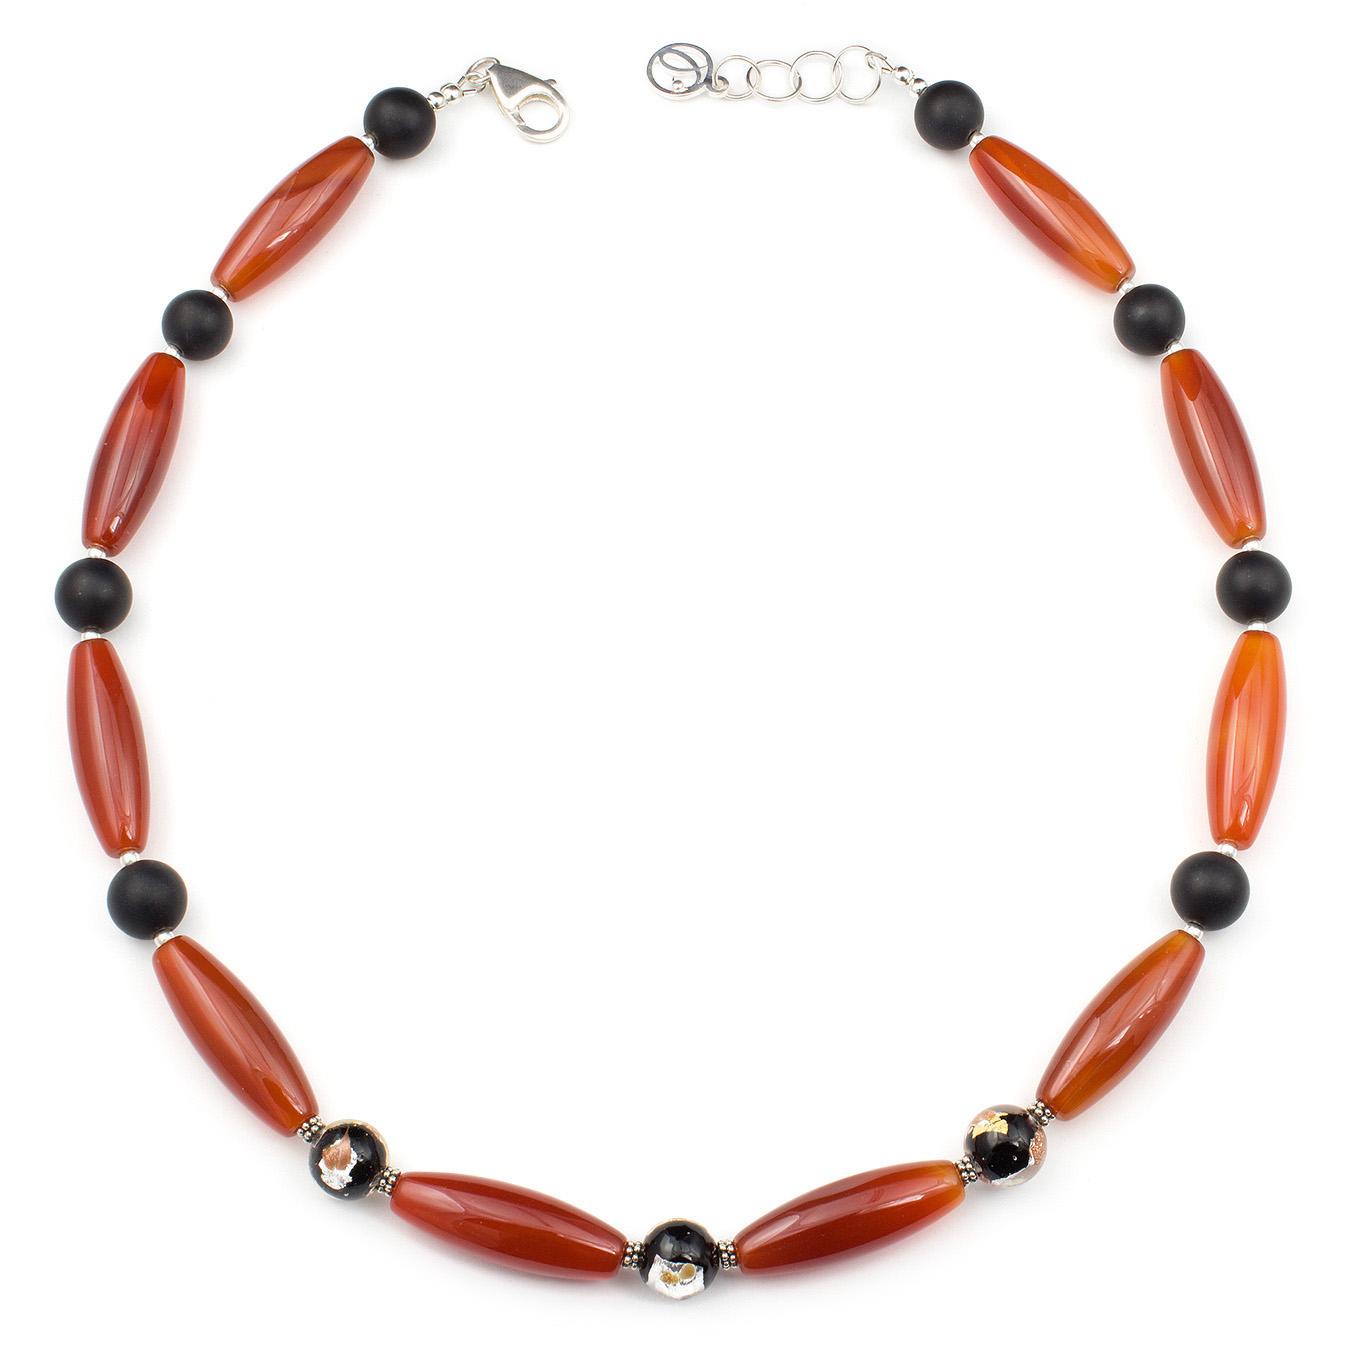 Custom necklace with jasper, agate, quartz and aventurina gemstones